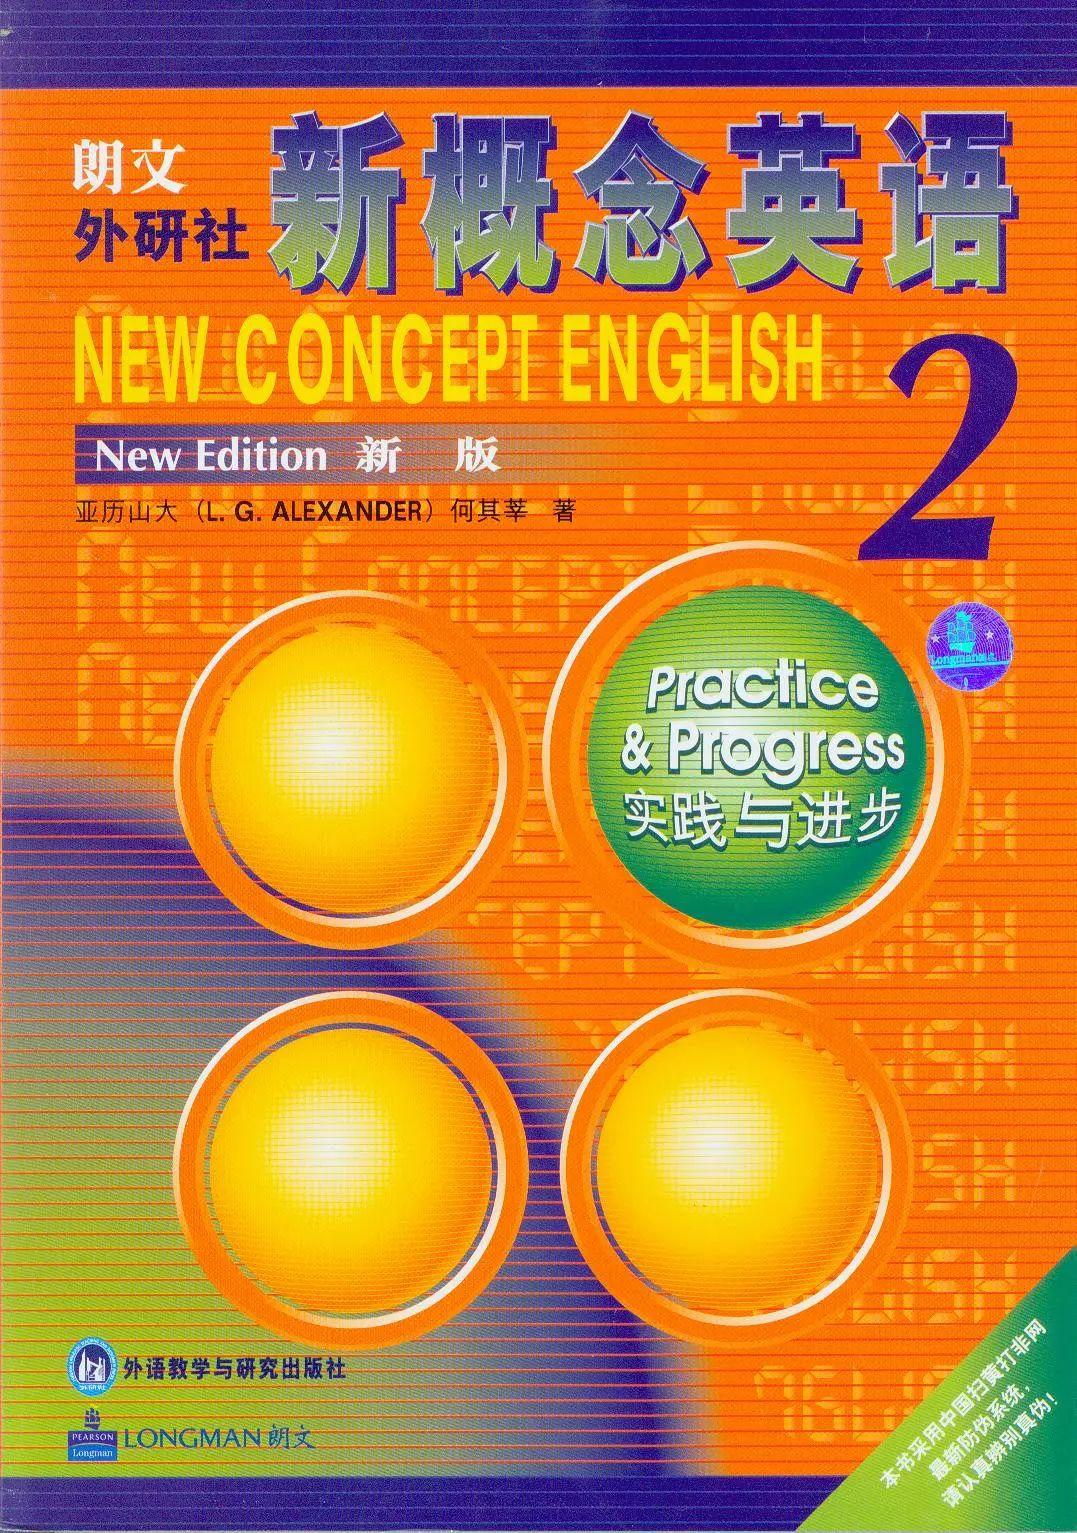 【2天破2500+报名】海学新概念英语1-3册(228个高清视频课)